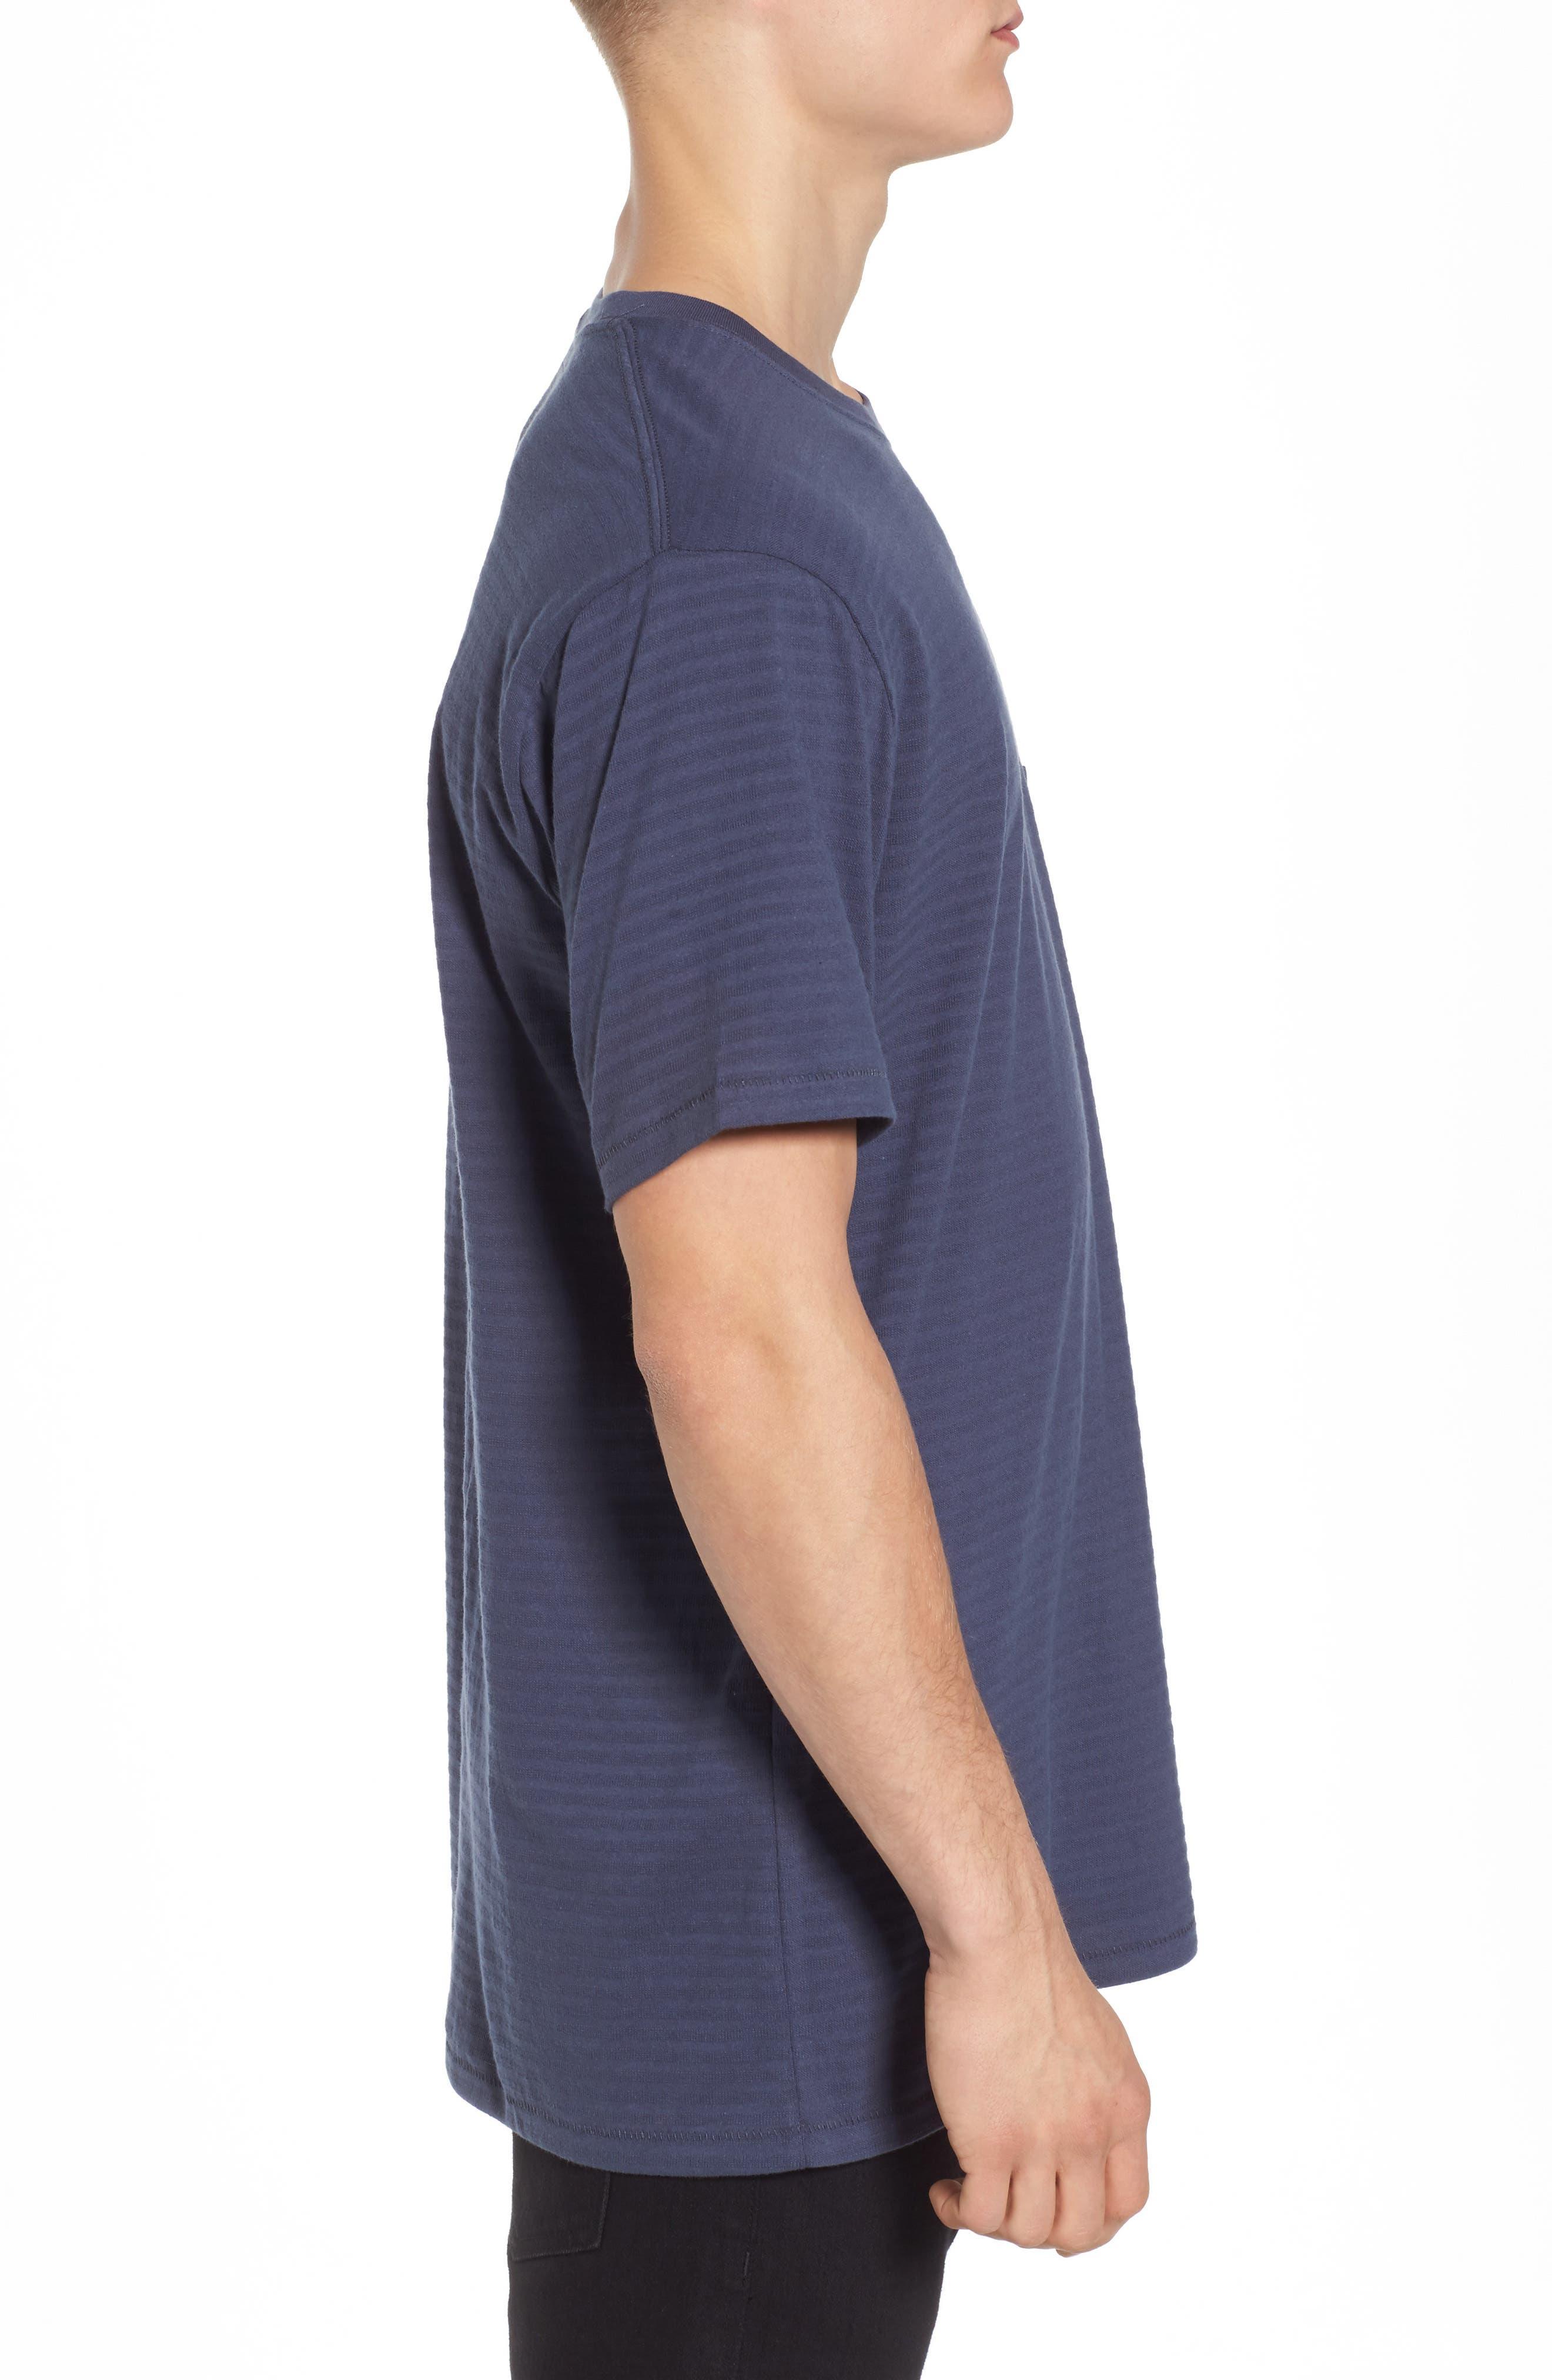 B. Elusive Pocket T-Shirt,                             Alternate thumbnail 3, color,                             Slate